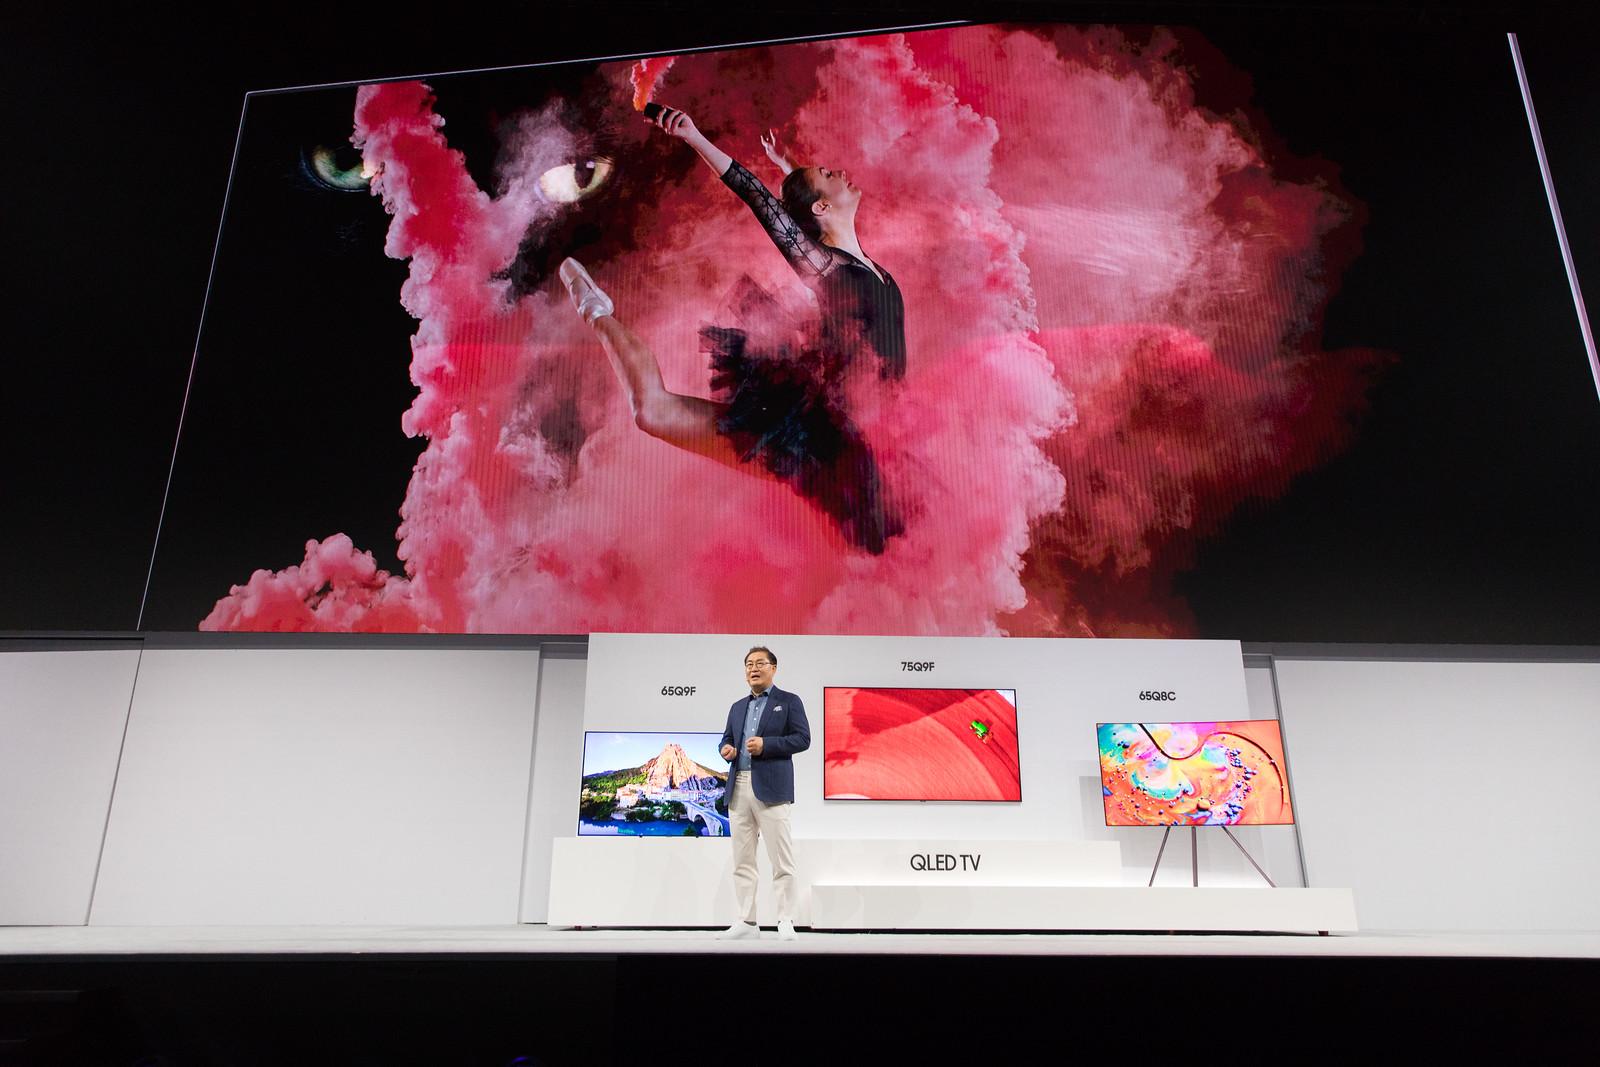 Самсунг продемонстрировал публике новейшую линейку телевизоров QLED